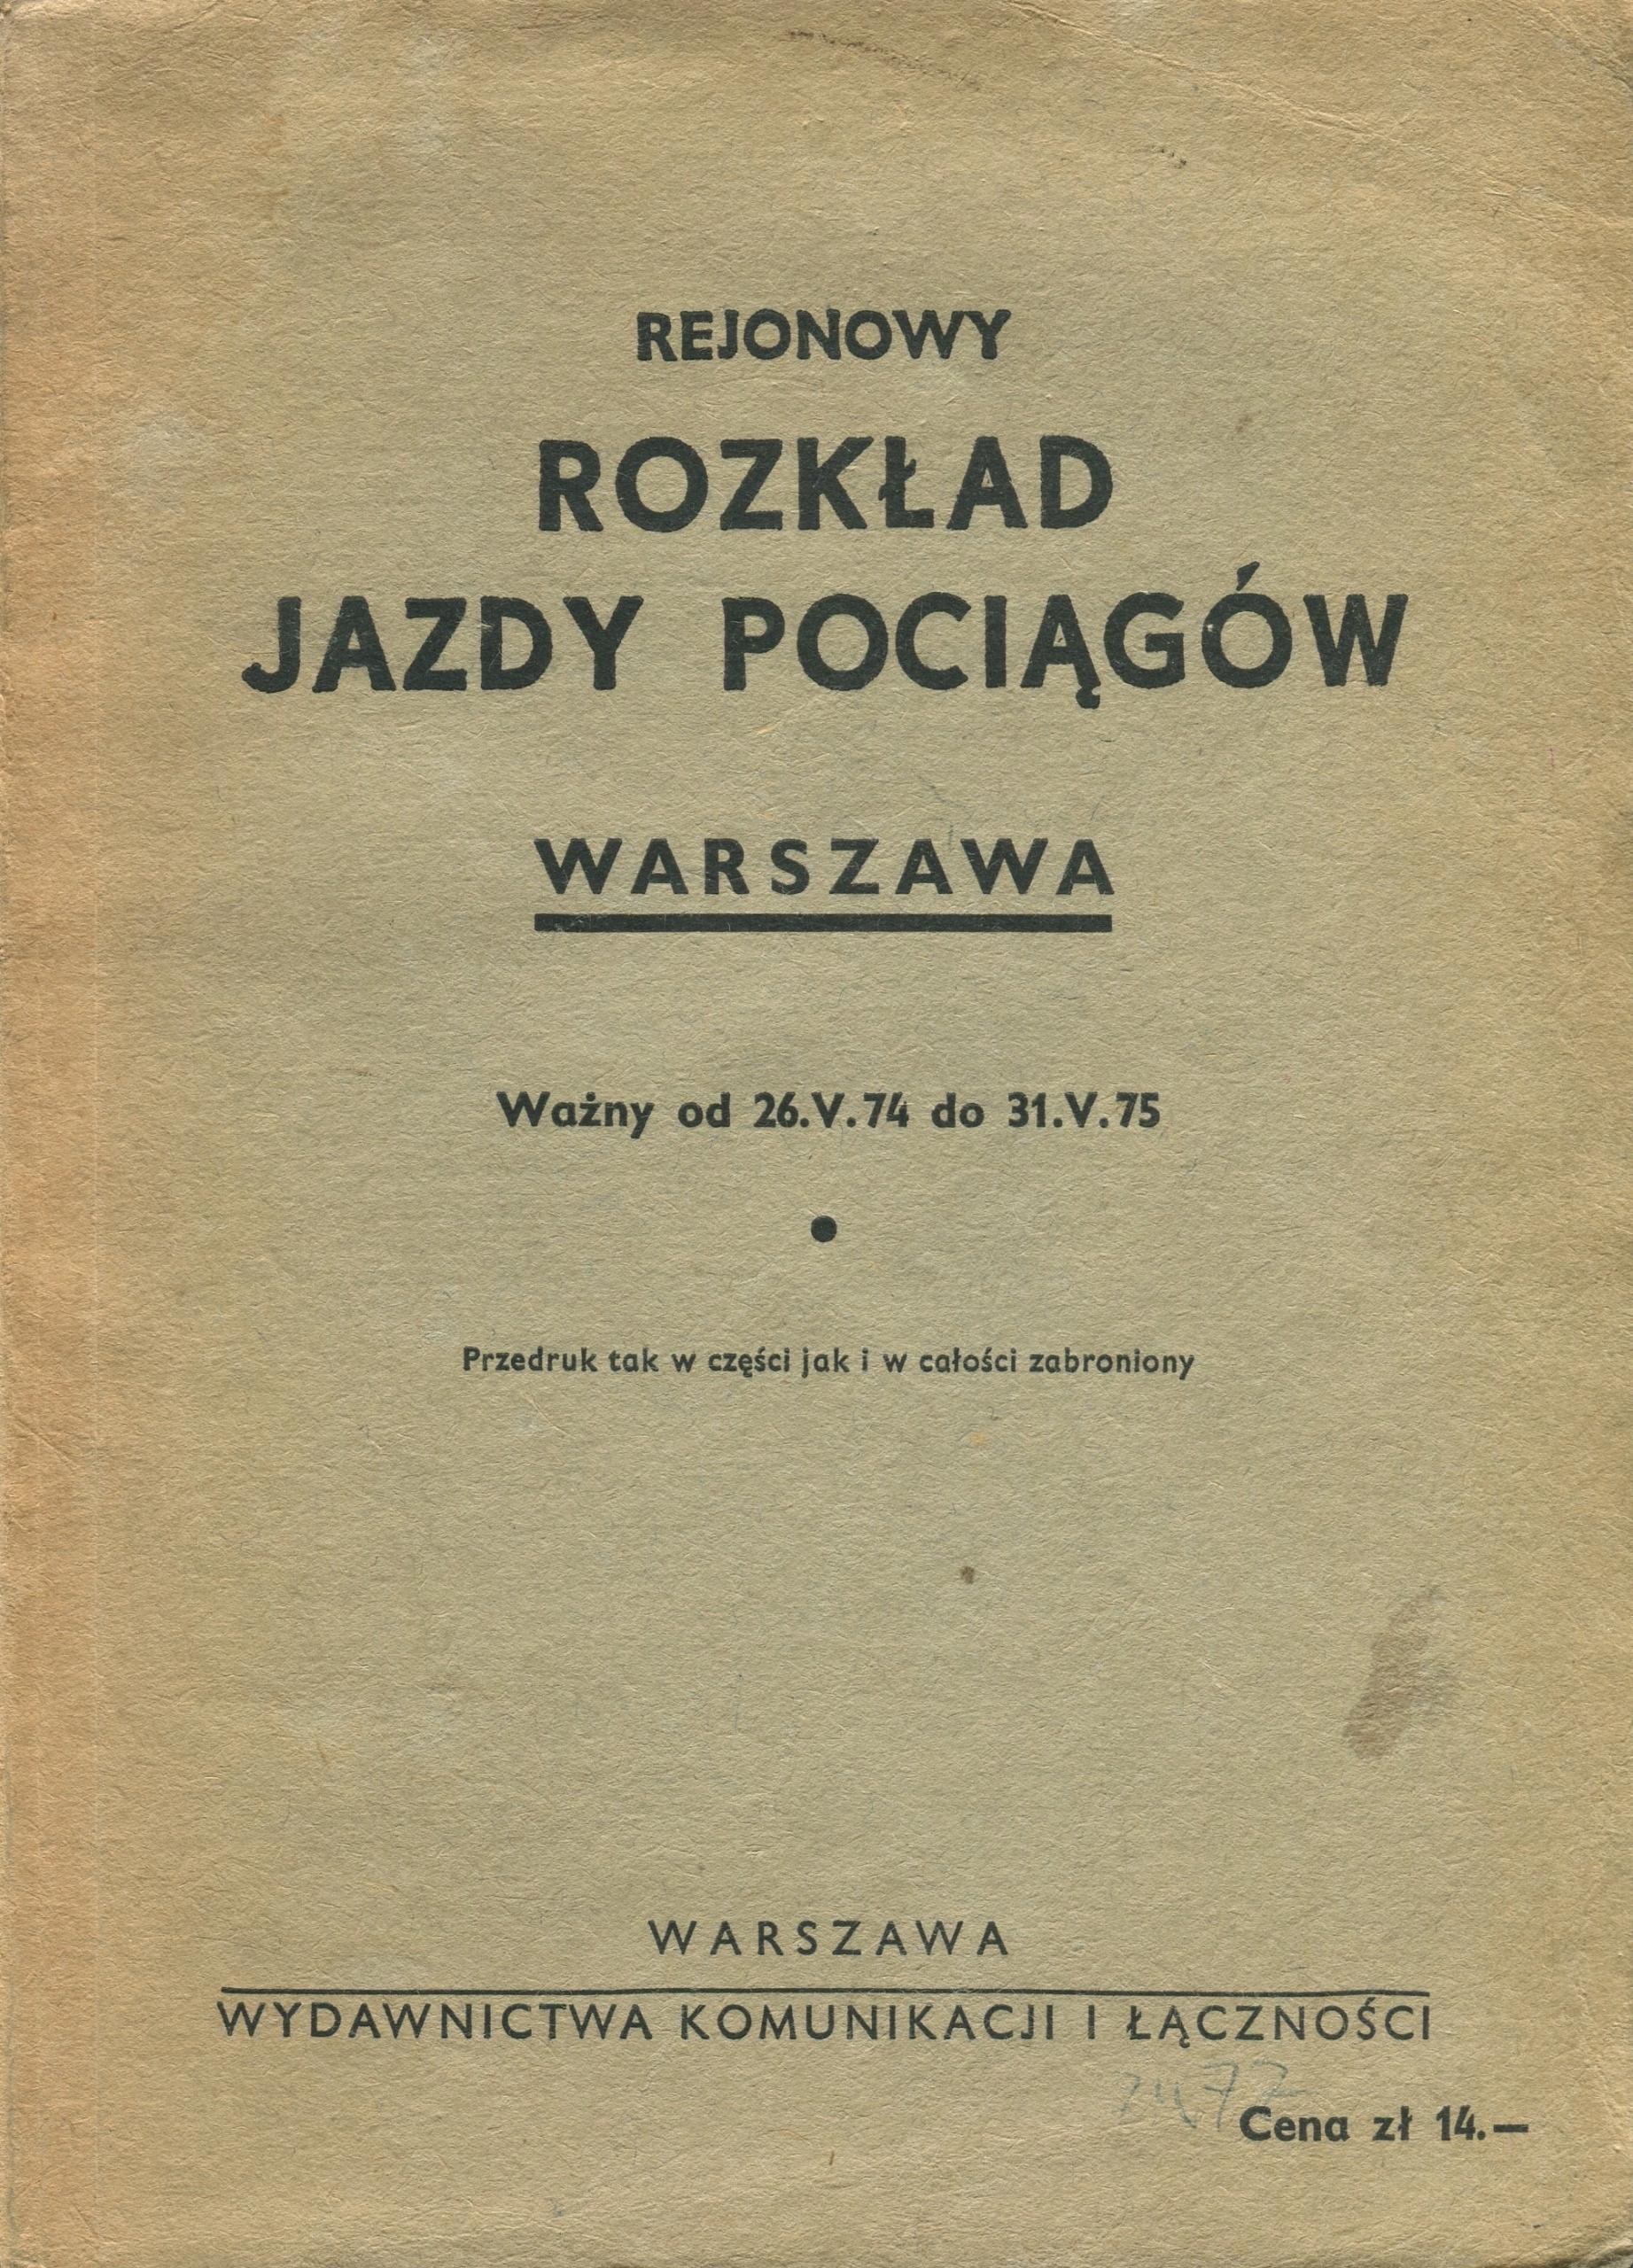 REJONOWY ROZKŁAD JAZDY POCIĄGÓW WARSZAWA 1974